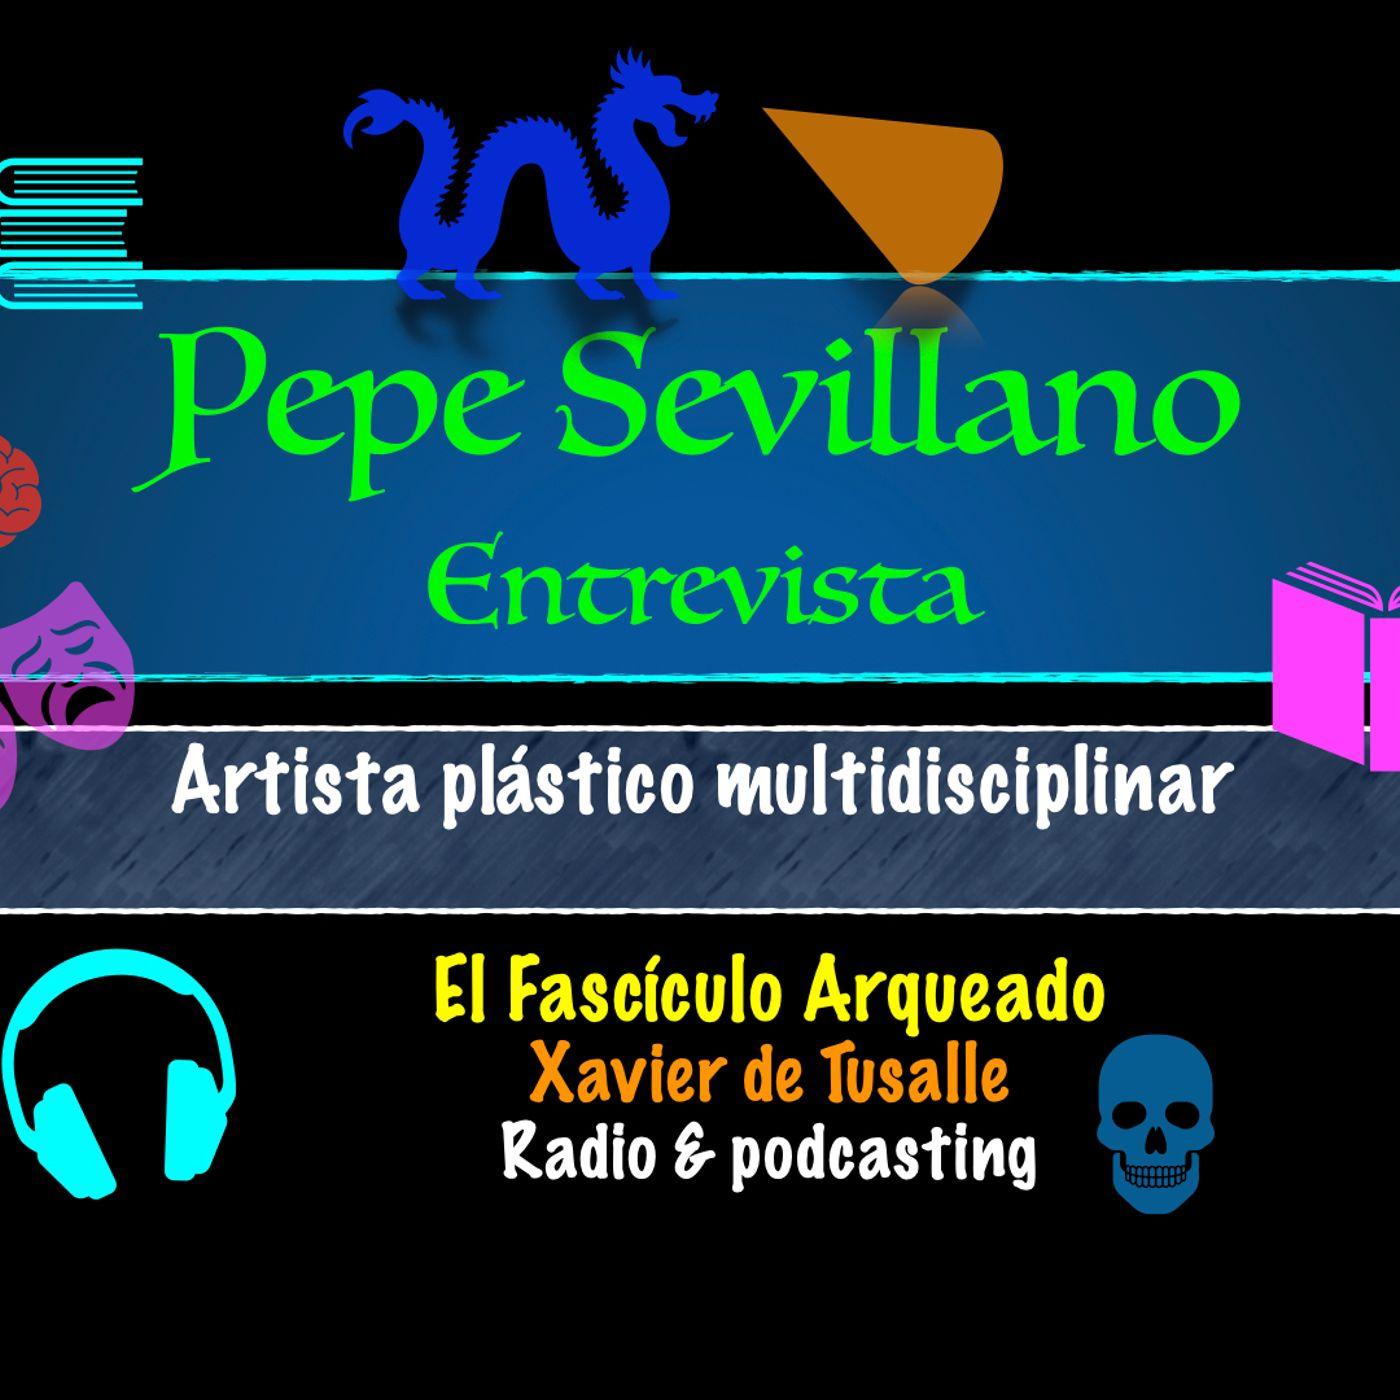 Entrevisto a Pepe Sevillano, artista plástico multidisciplinar